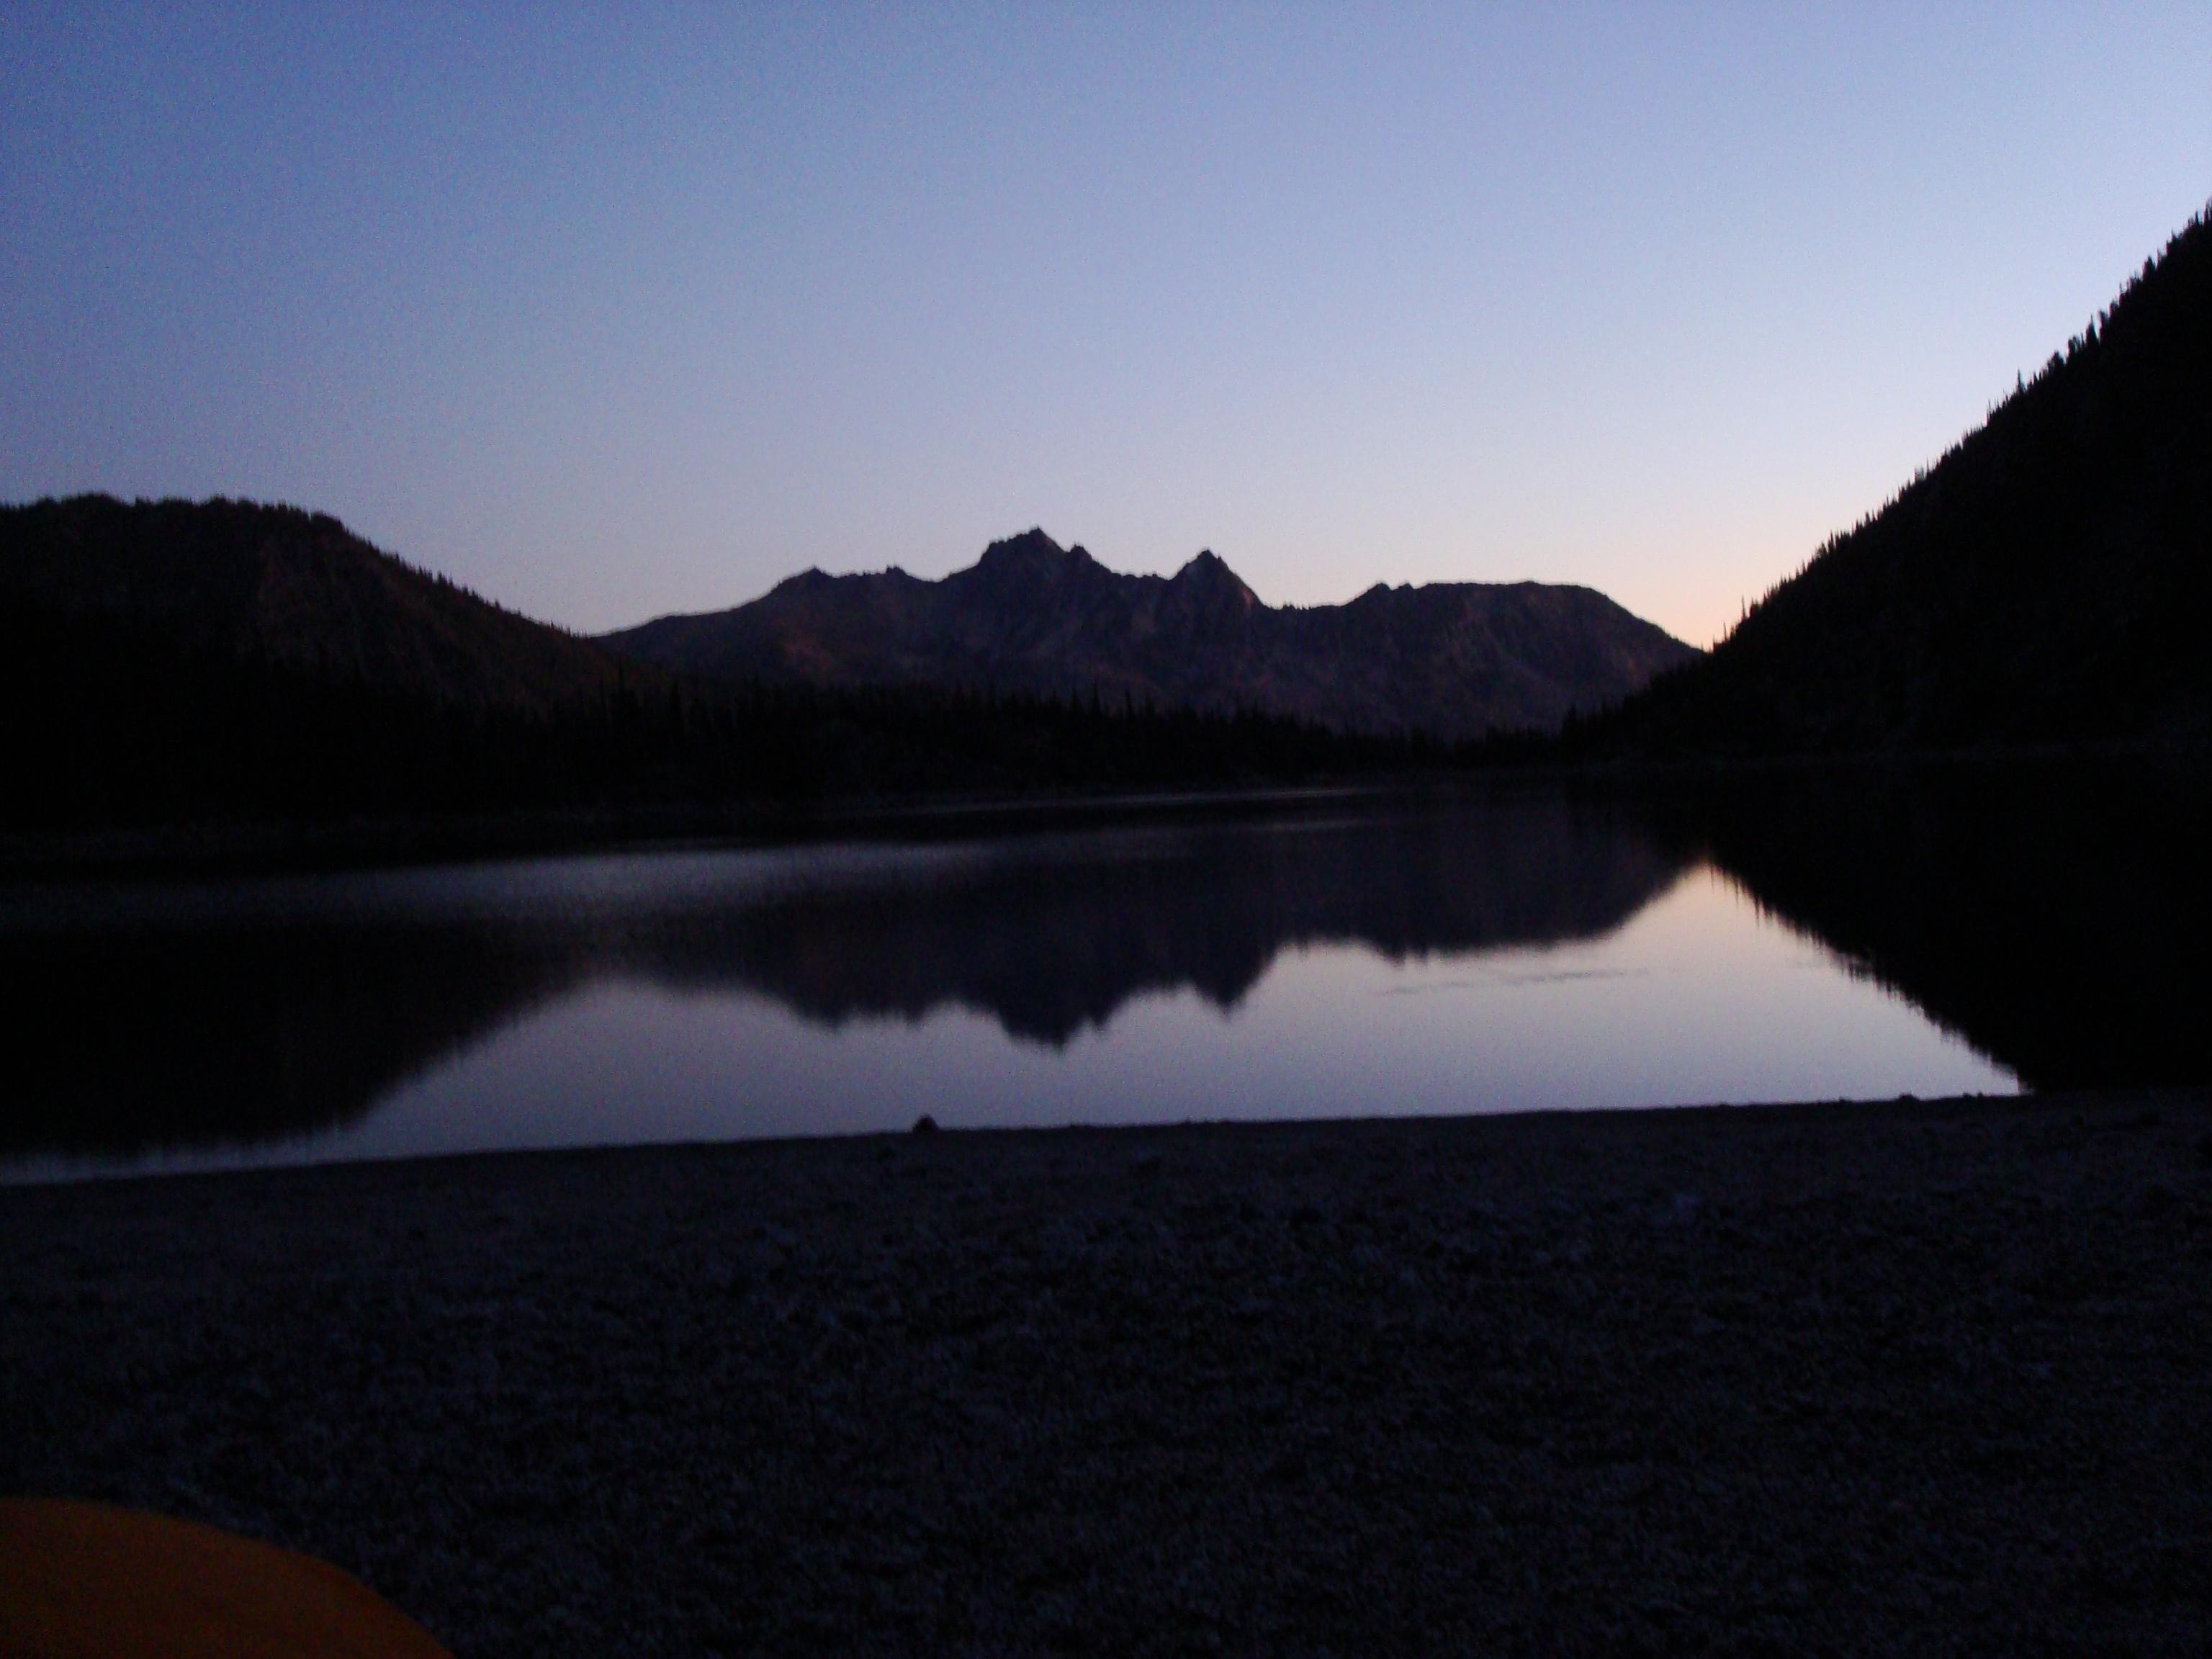 Dawn at Colchuk Lake